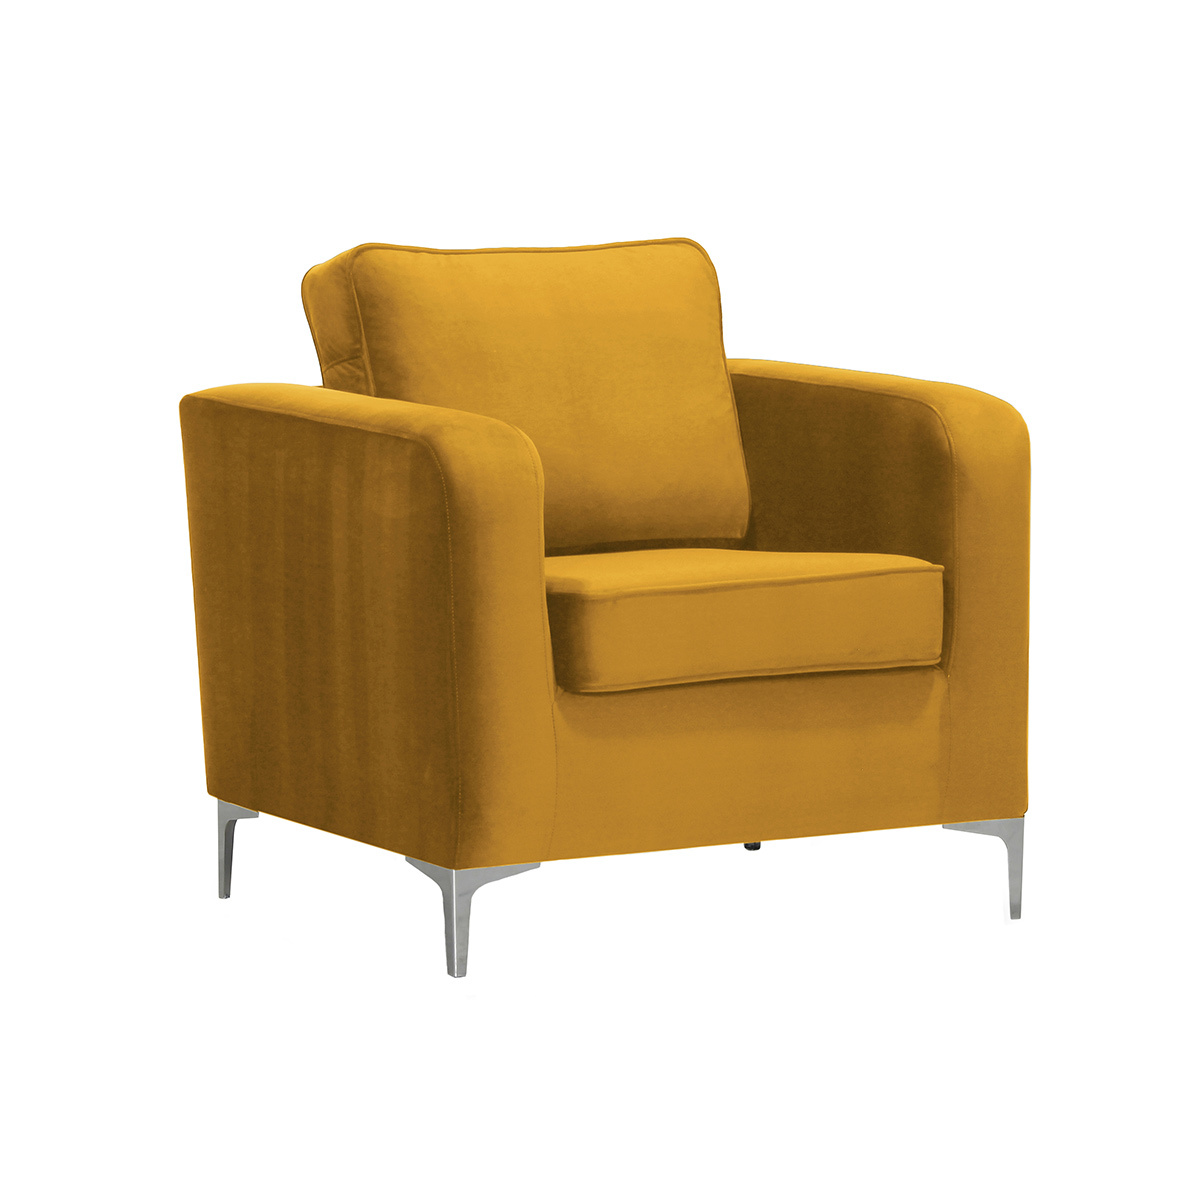 Poltrona design in velluto dorato HARRY